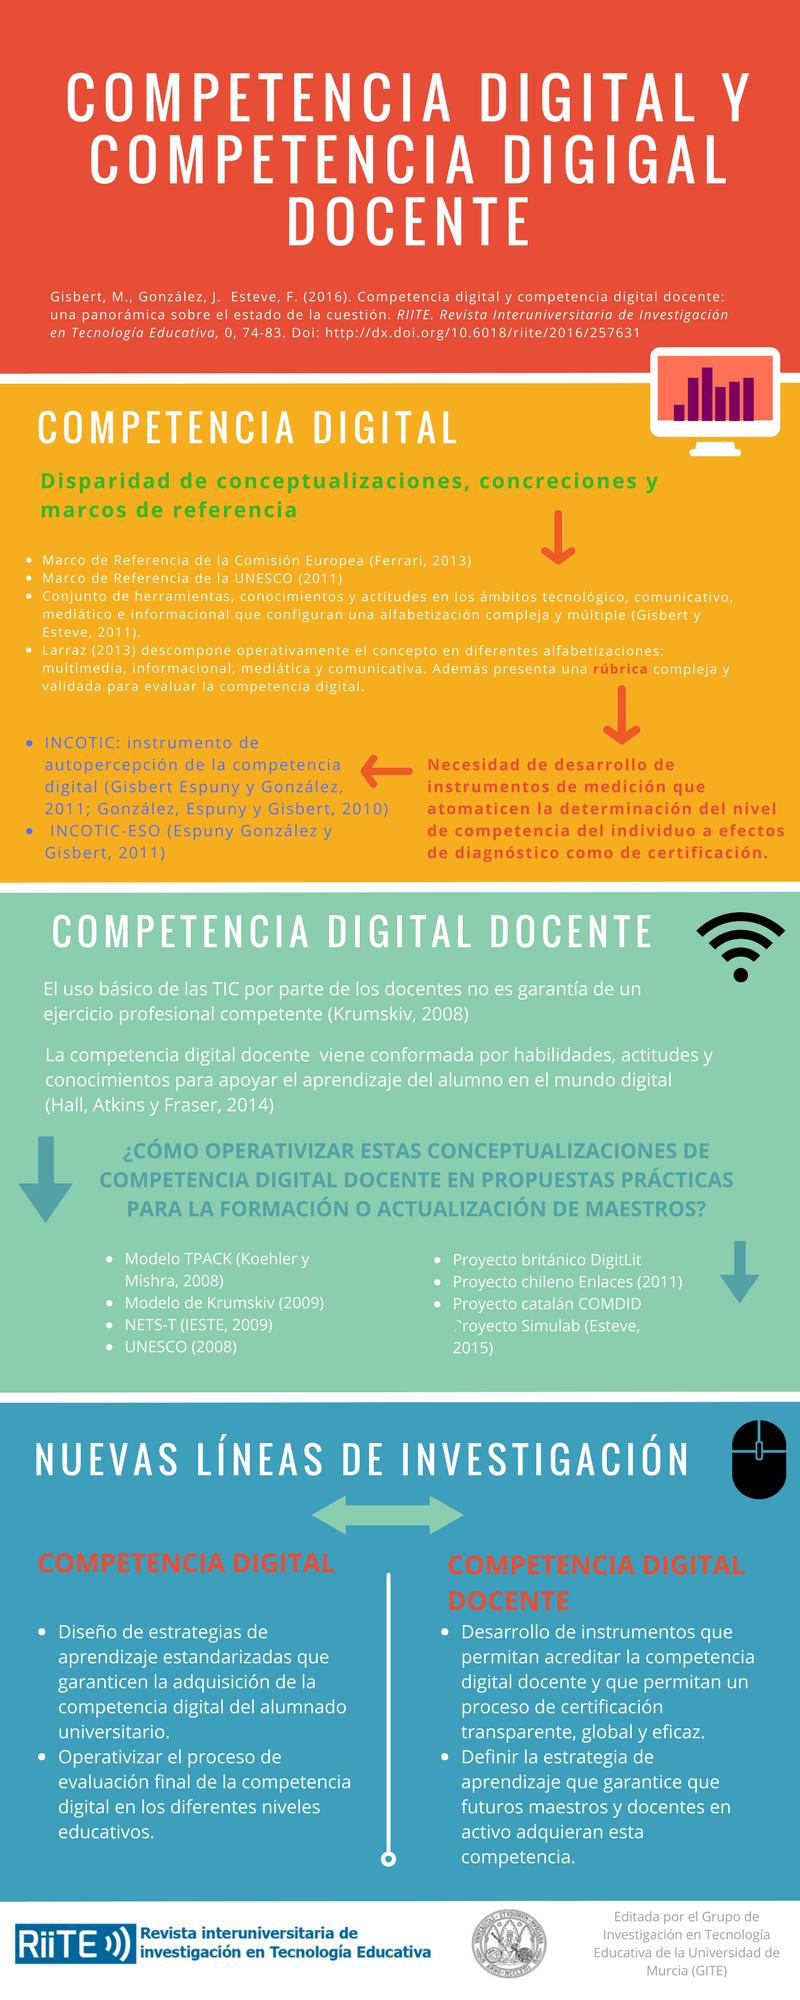 Pin De Chica Dehumo En Infografías Artículos Del Nº 0 De La Revista Riite Competencias Digitales Métodos De Enseñanza Recursos Docentes